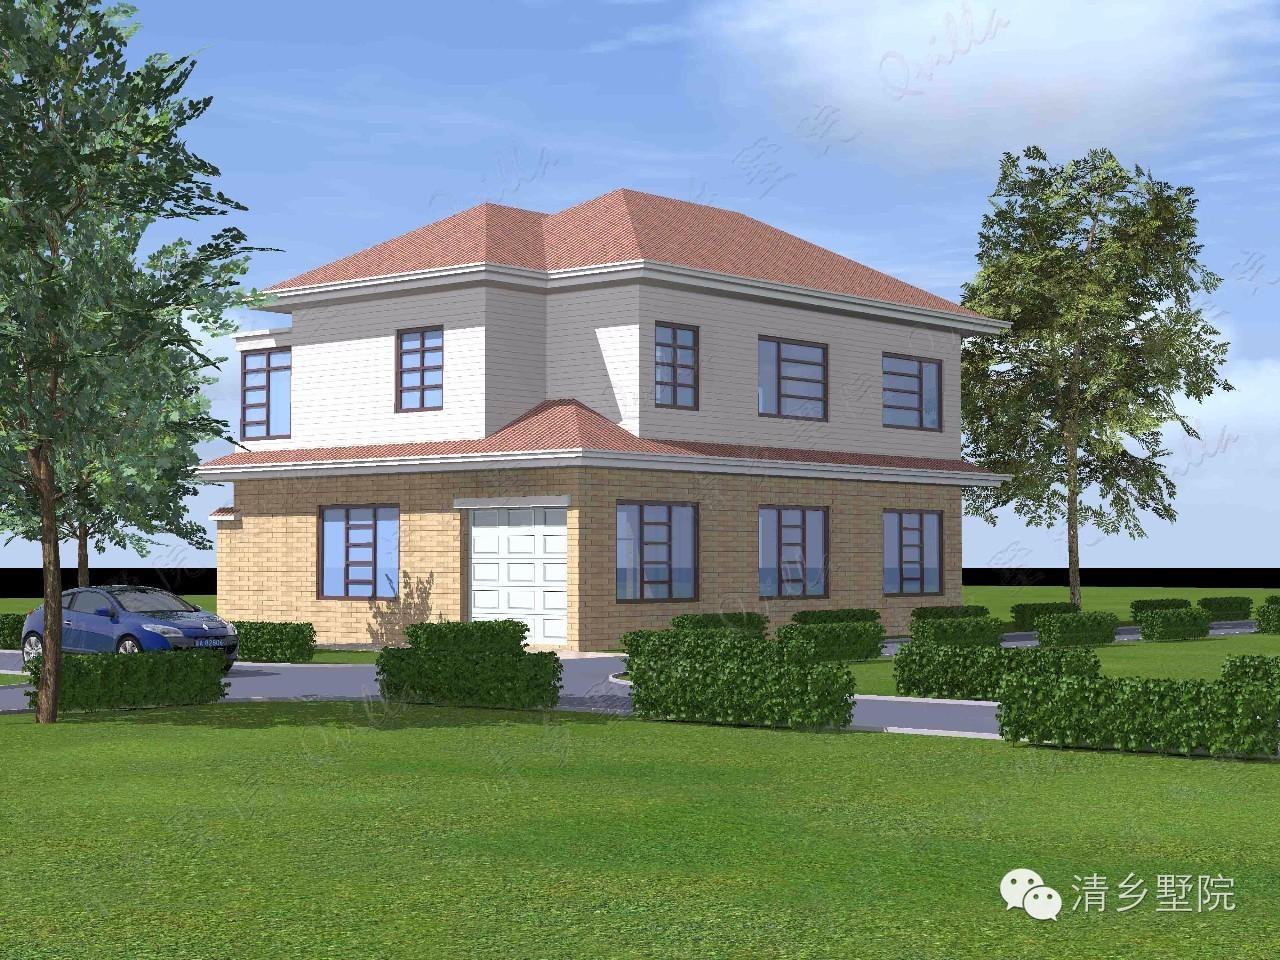 设计说明        周先生的农村自建房屋,是很典型的欧式风格住宅